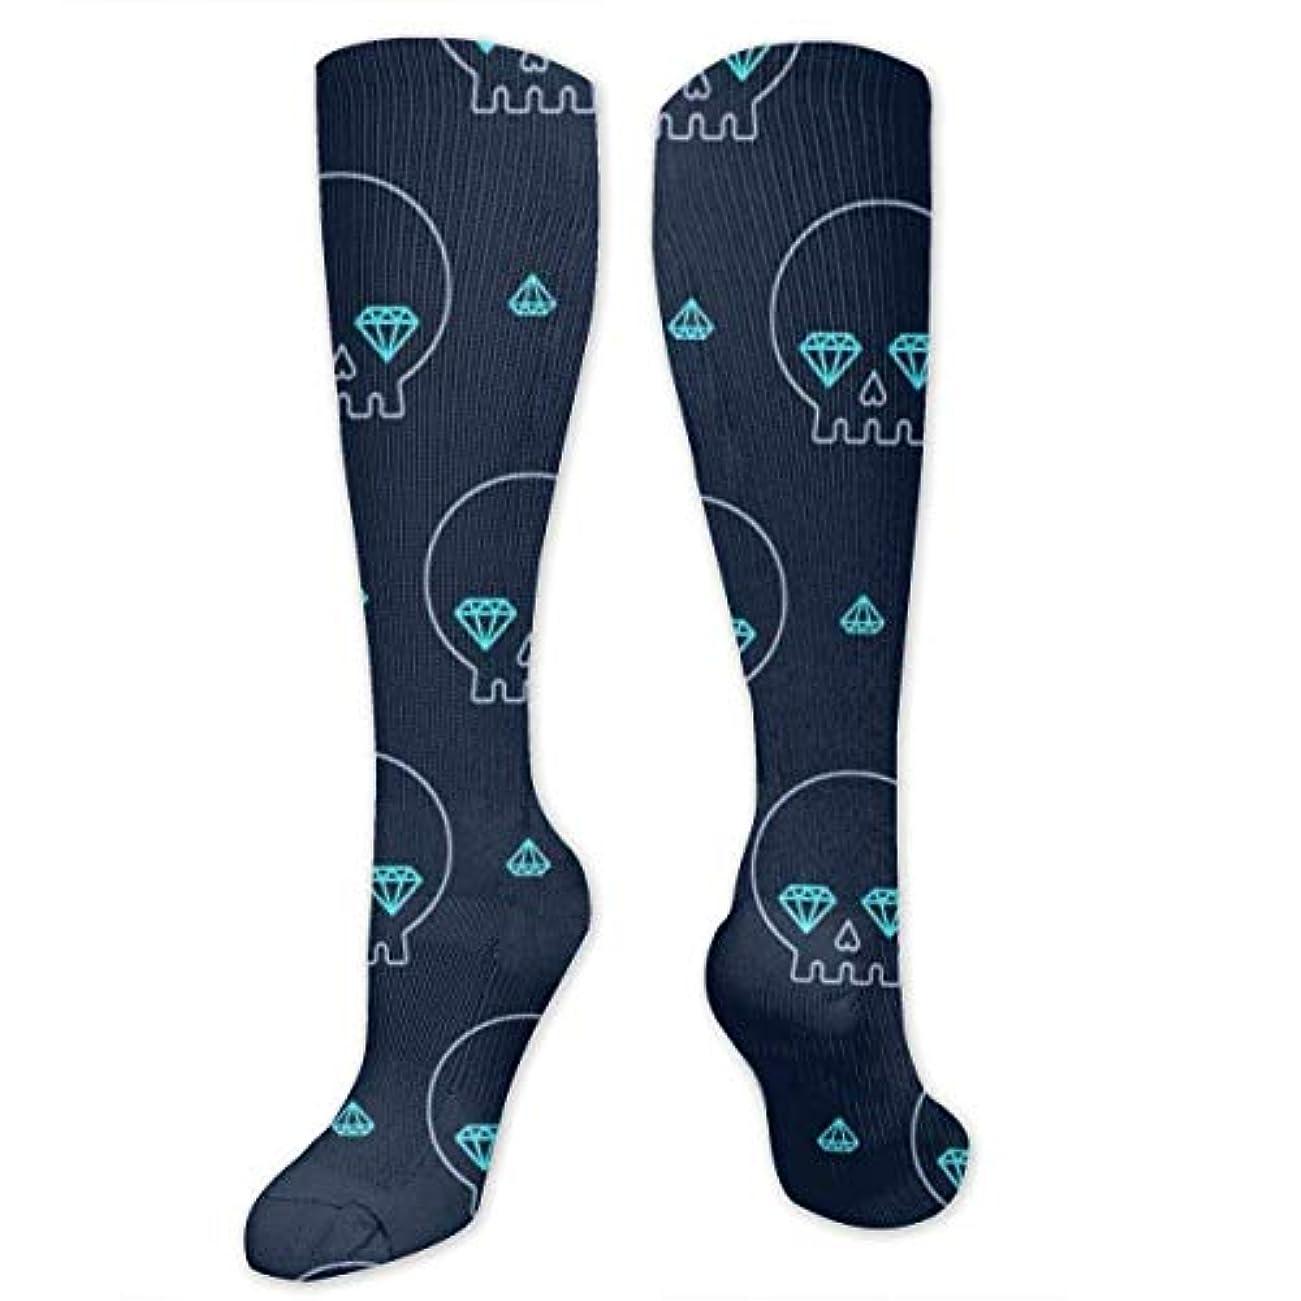 祝福する非効率的なビーチ靴下,ストッキング,野生のジョーカー,実際,秋の本質,冬必須,サマーウェア&RBXAA Blue Brick Stone Eye Skull Socks Women's Winter Cotton Long Tube Socks...